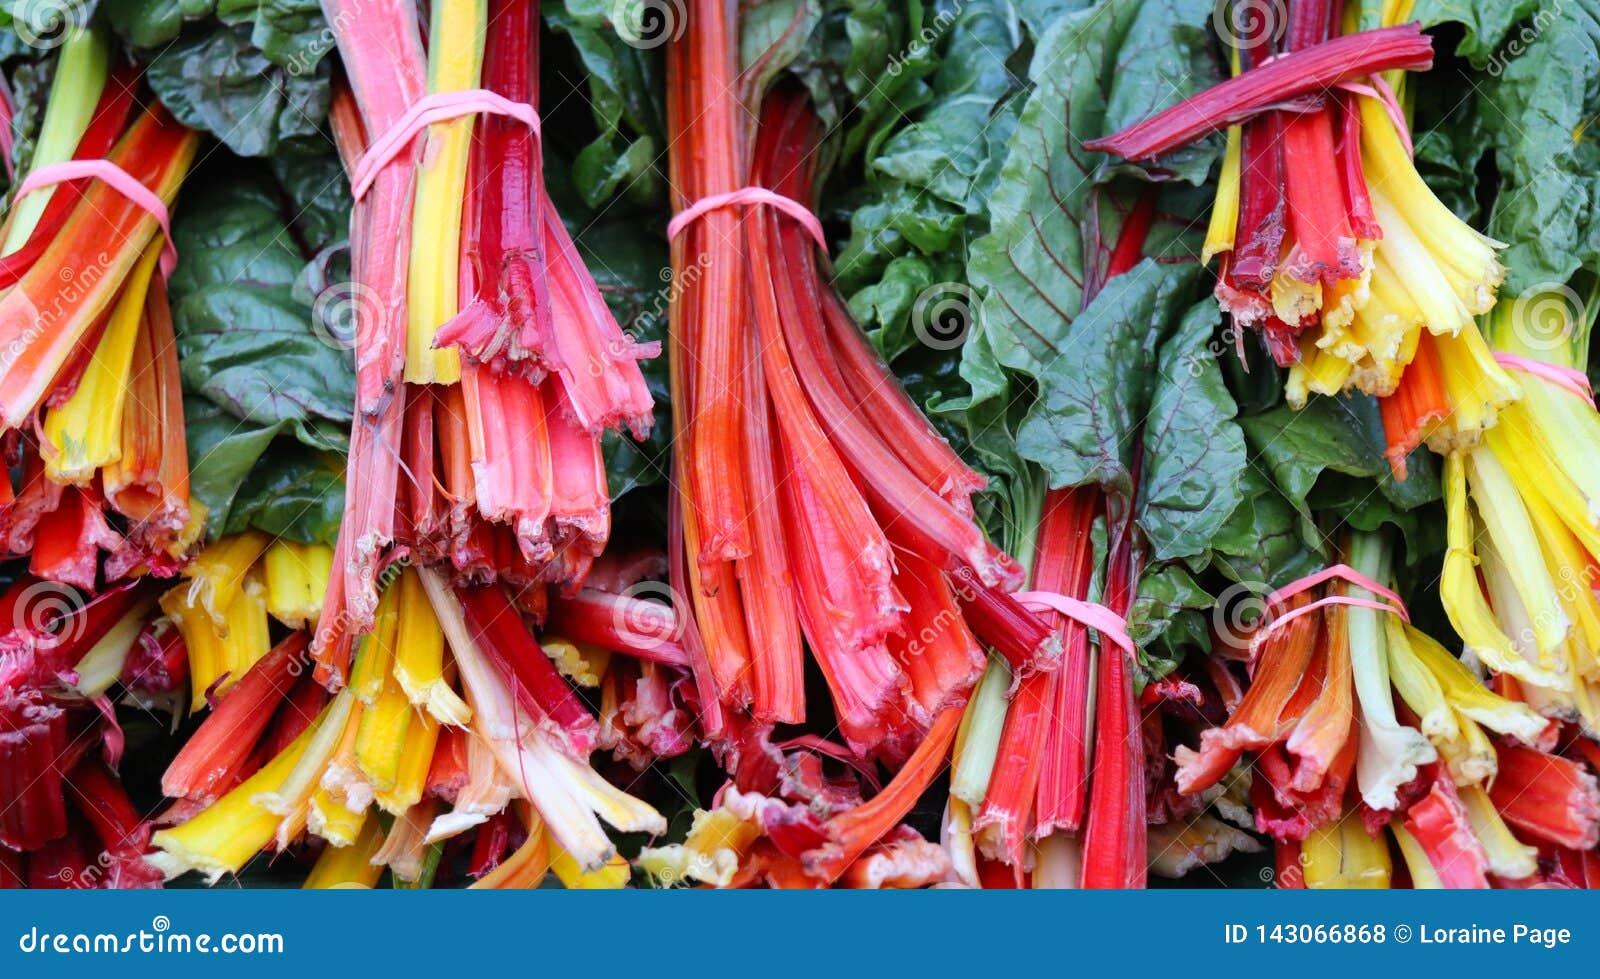 Organiska för regnbågeblandning för schweizisk Chard Veggies på bondes marknad